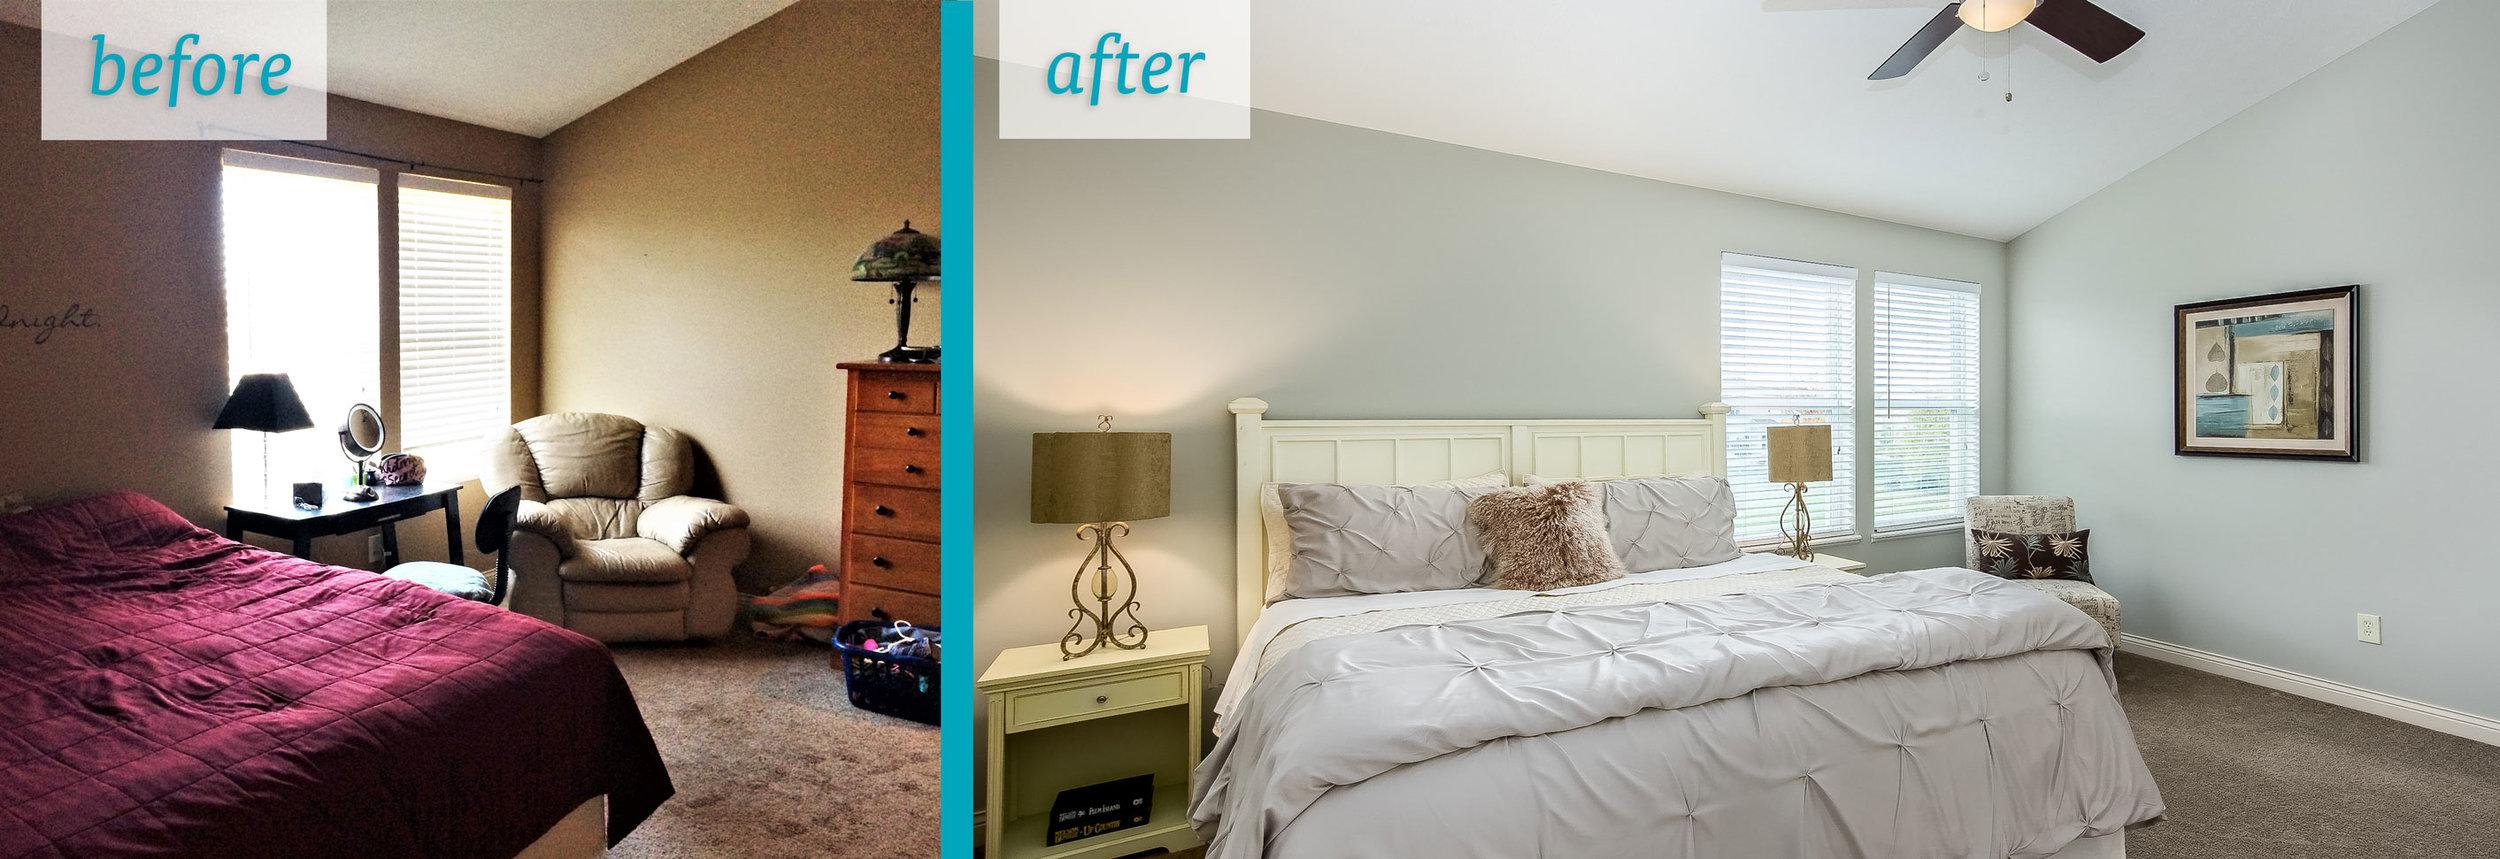 large-main-2-bedrooom-before-after.jpg